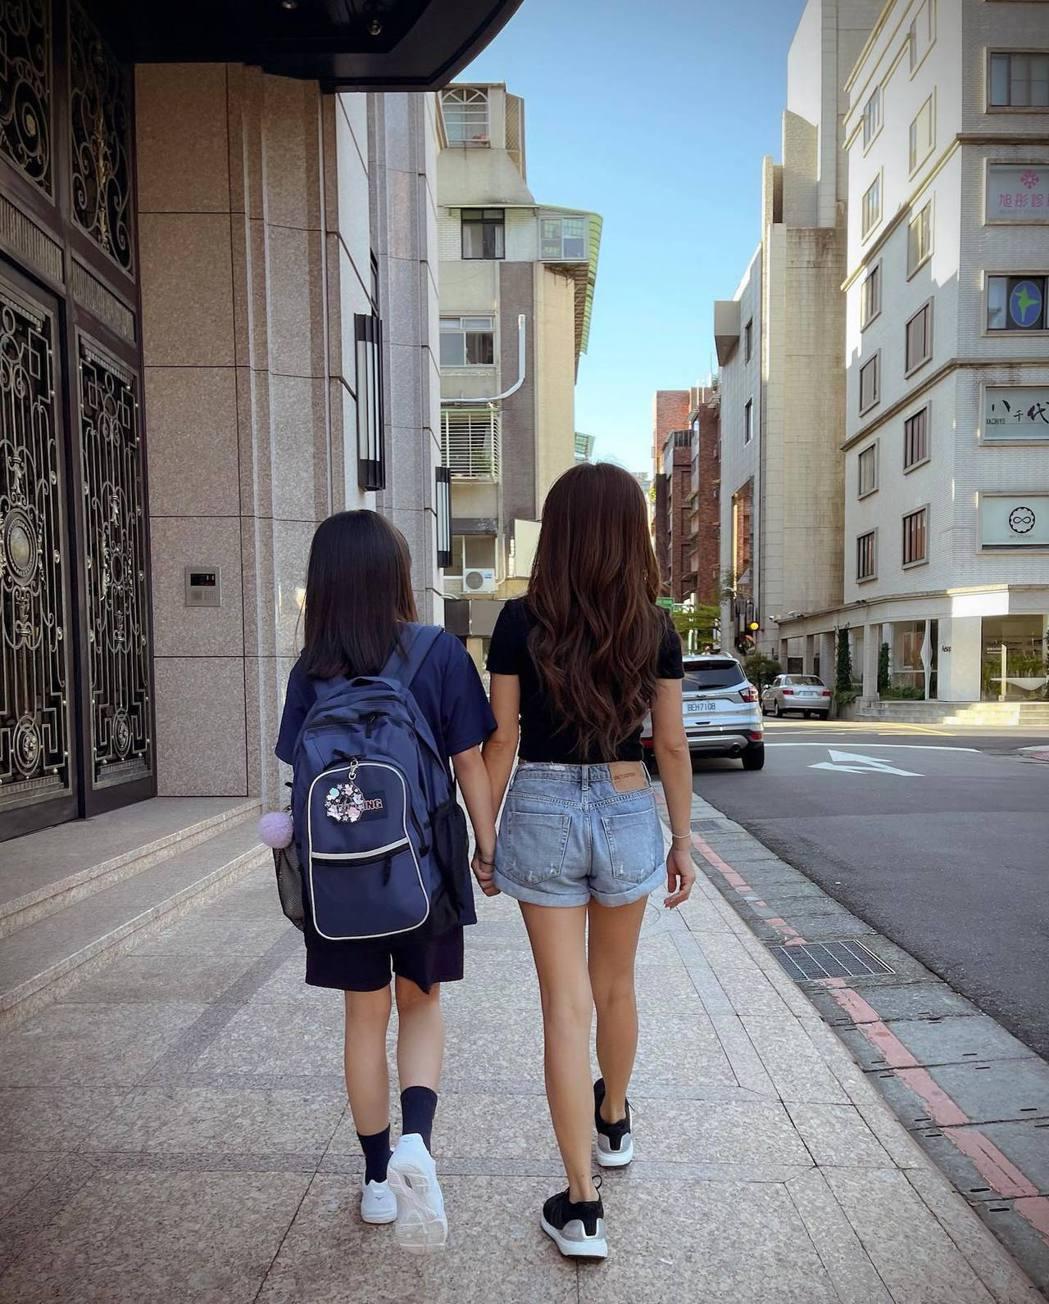 佩甄(右)帶著女兒上國中,背影宛如姊妹。圖/摘自臉書